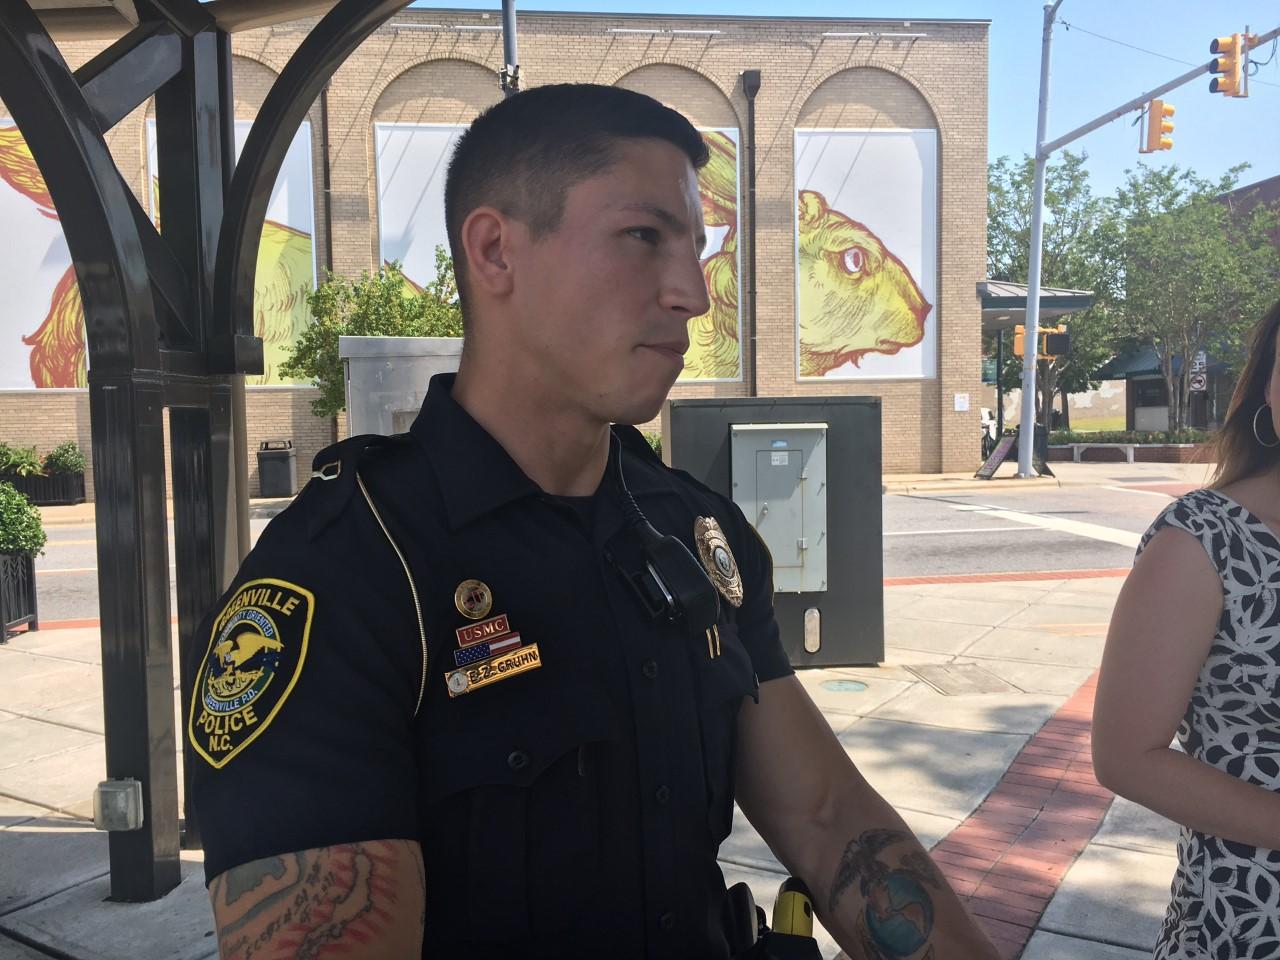 Officer GRUHN_407112